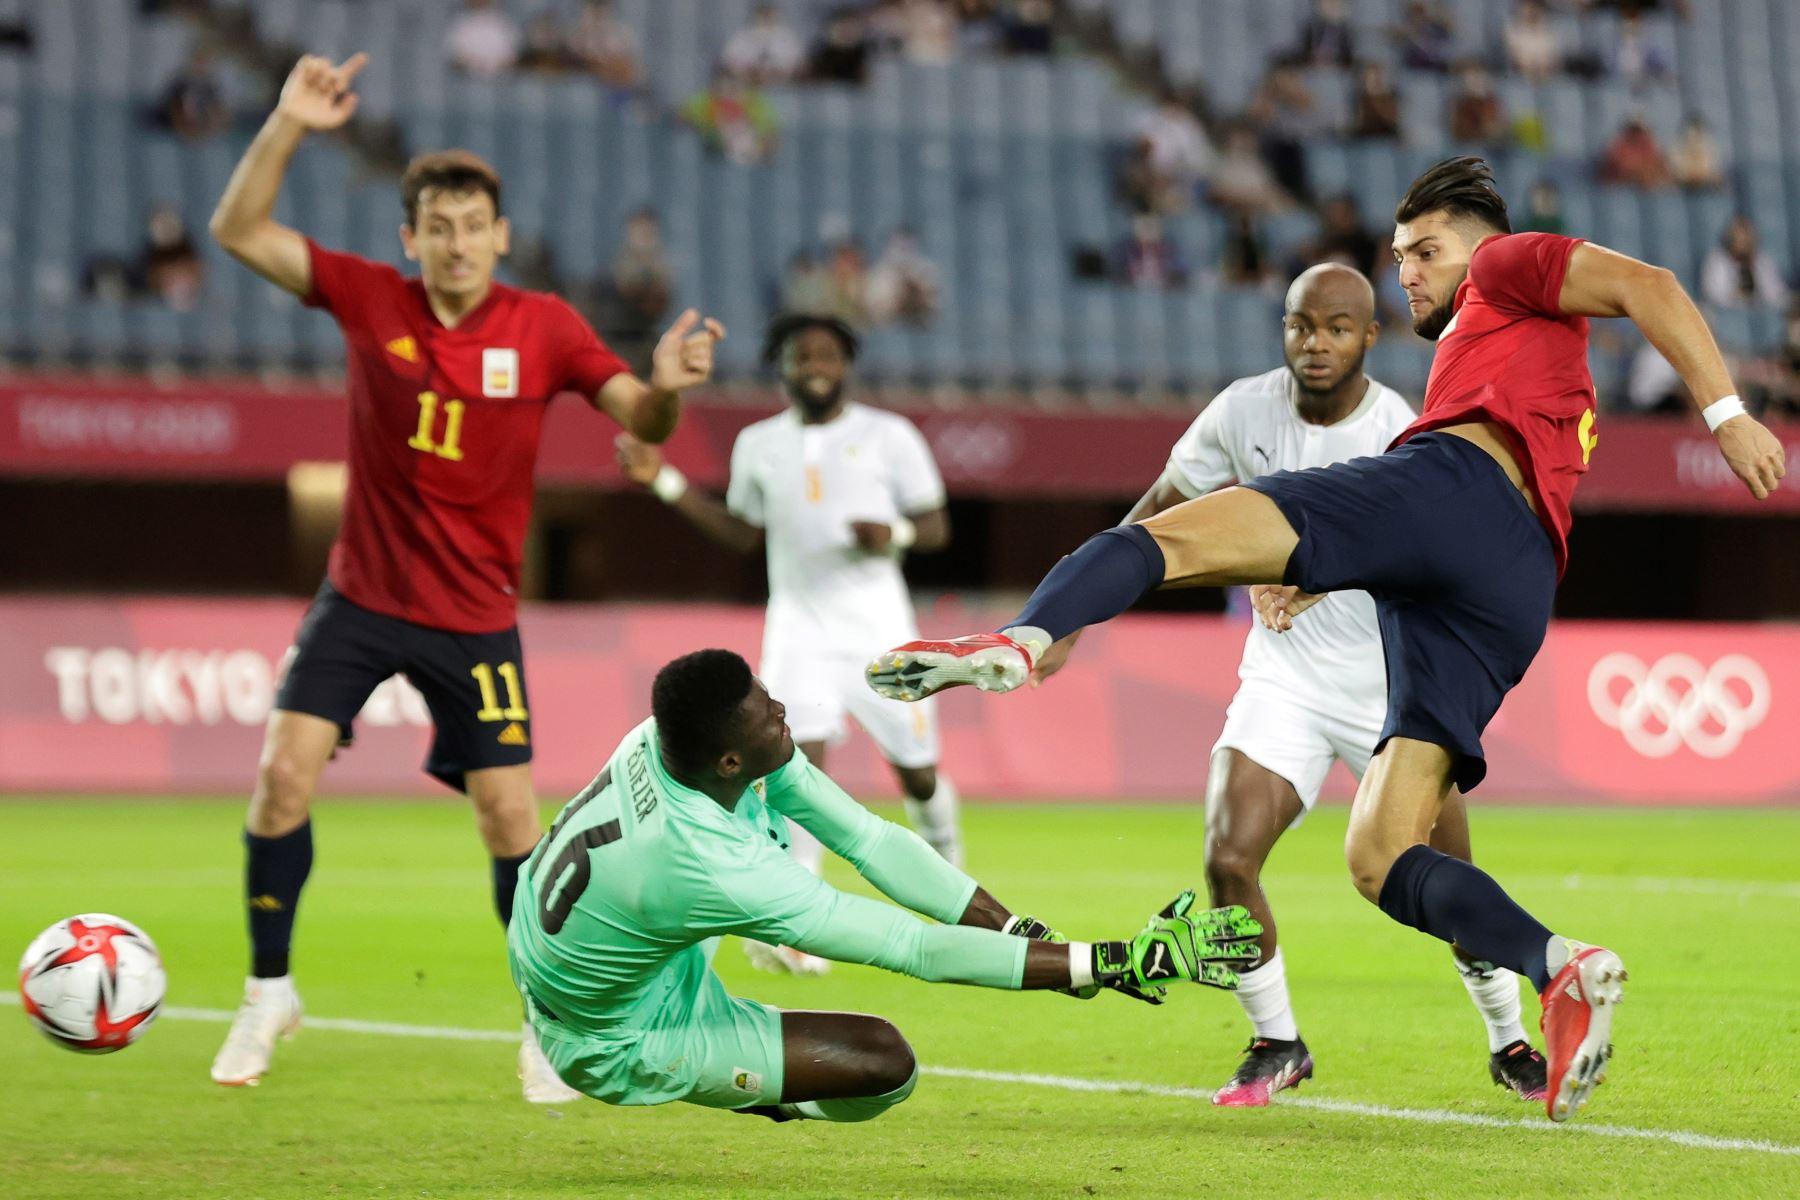 Rafa Mir marcando un gol durante el partido de cuartos de final masculino entre España y Costa de Marfil, en los Juegos Olímpicos de Tokio 2020, en Miyagi, cerca de Sendai, Japón. Foto: EFE